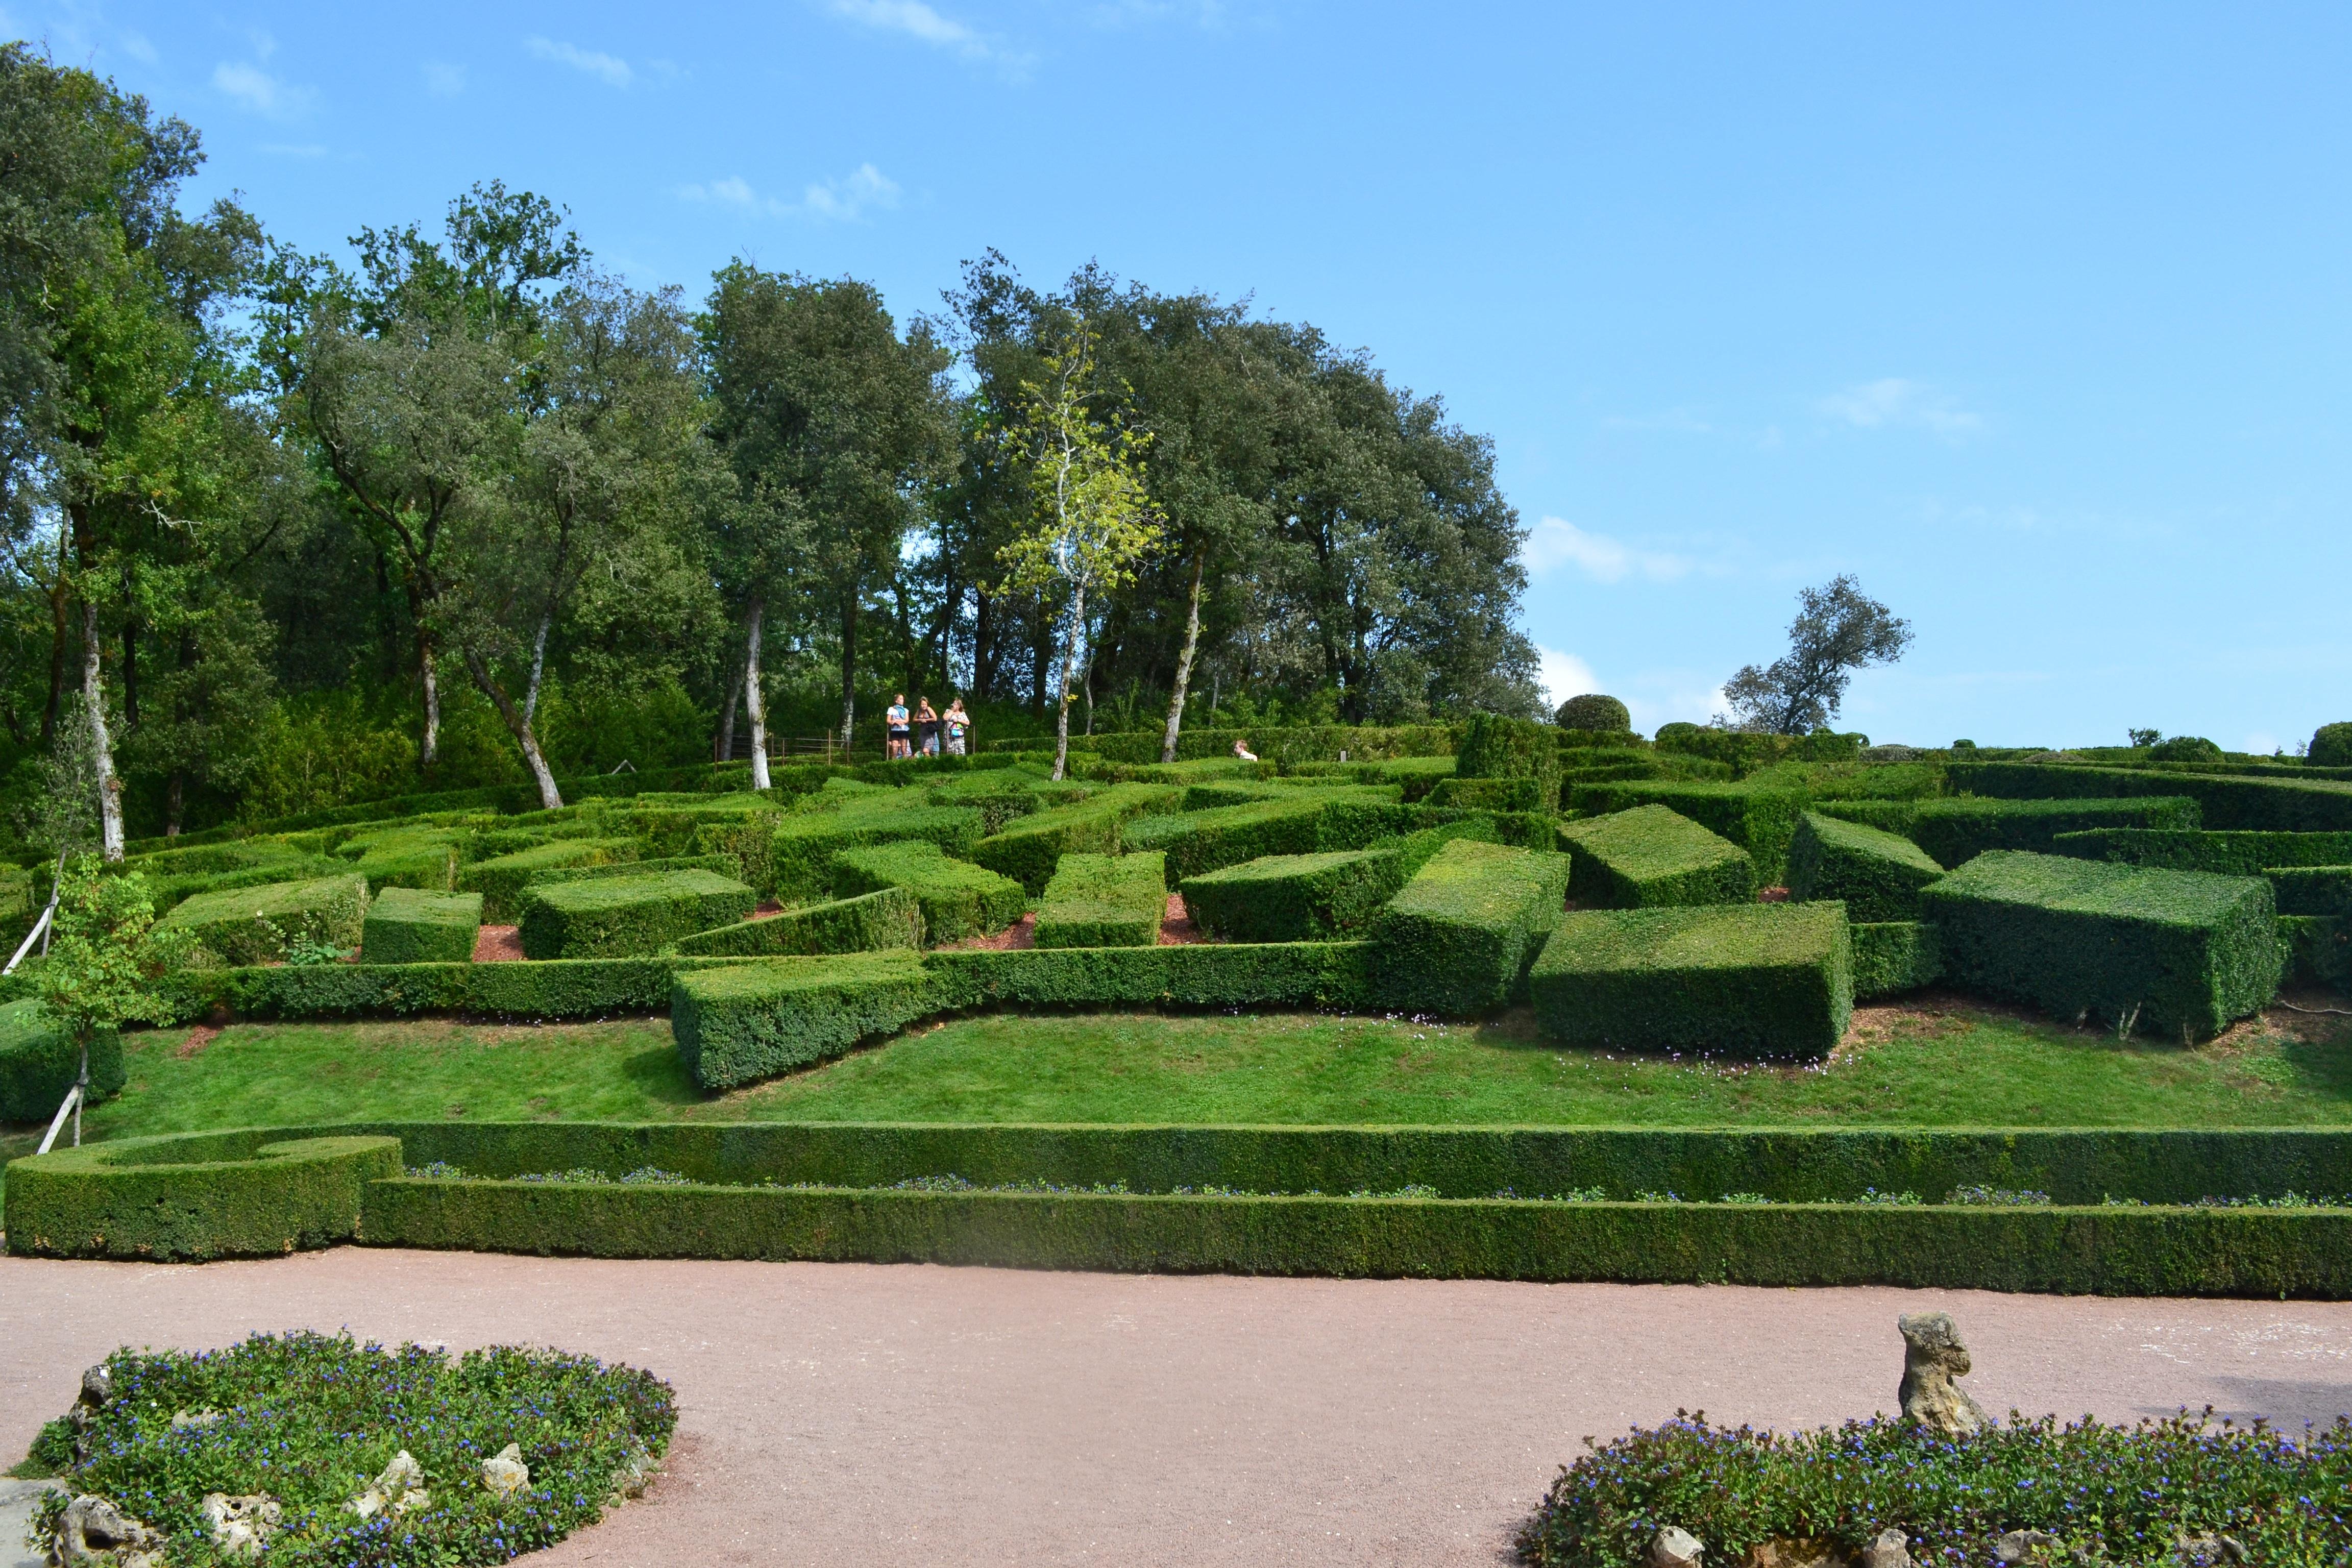 grass structure lawn france garden golf course shrub maze botanical garden estate dordogne aquitaine french garden